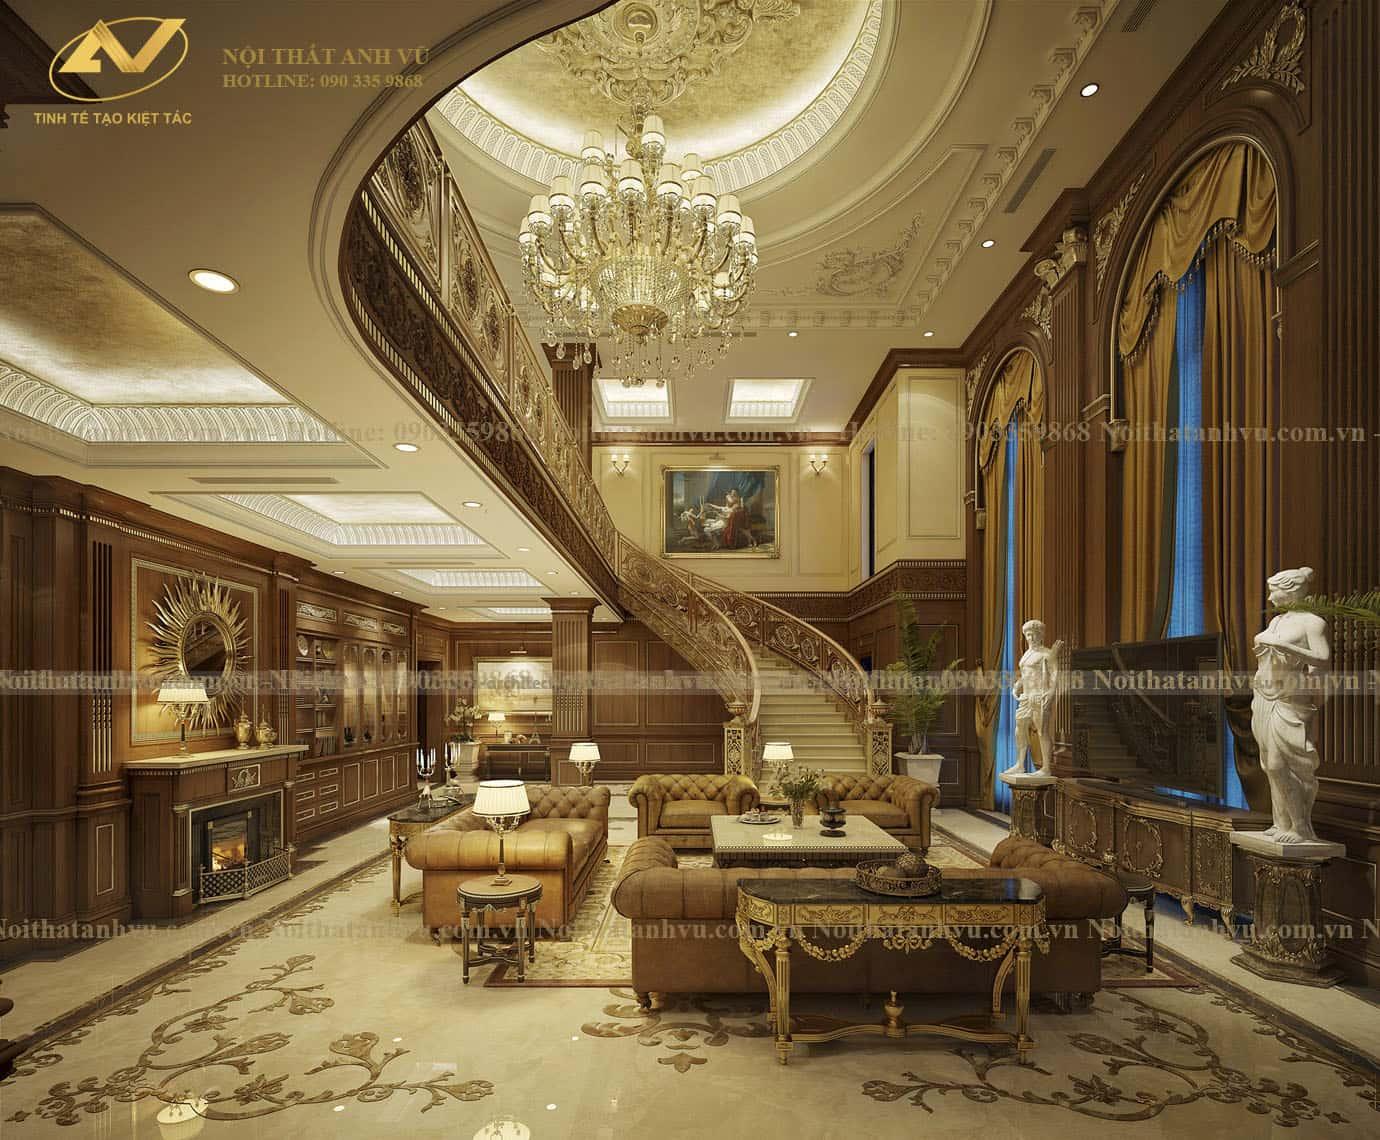 Thiết kế nội thất biệt thự cổ điển - Nội thất Anh Vũ